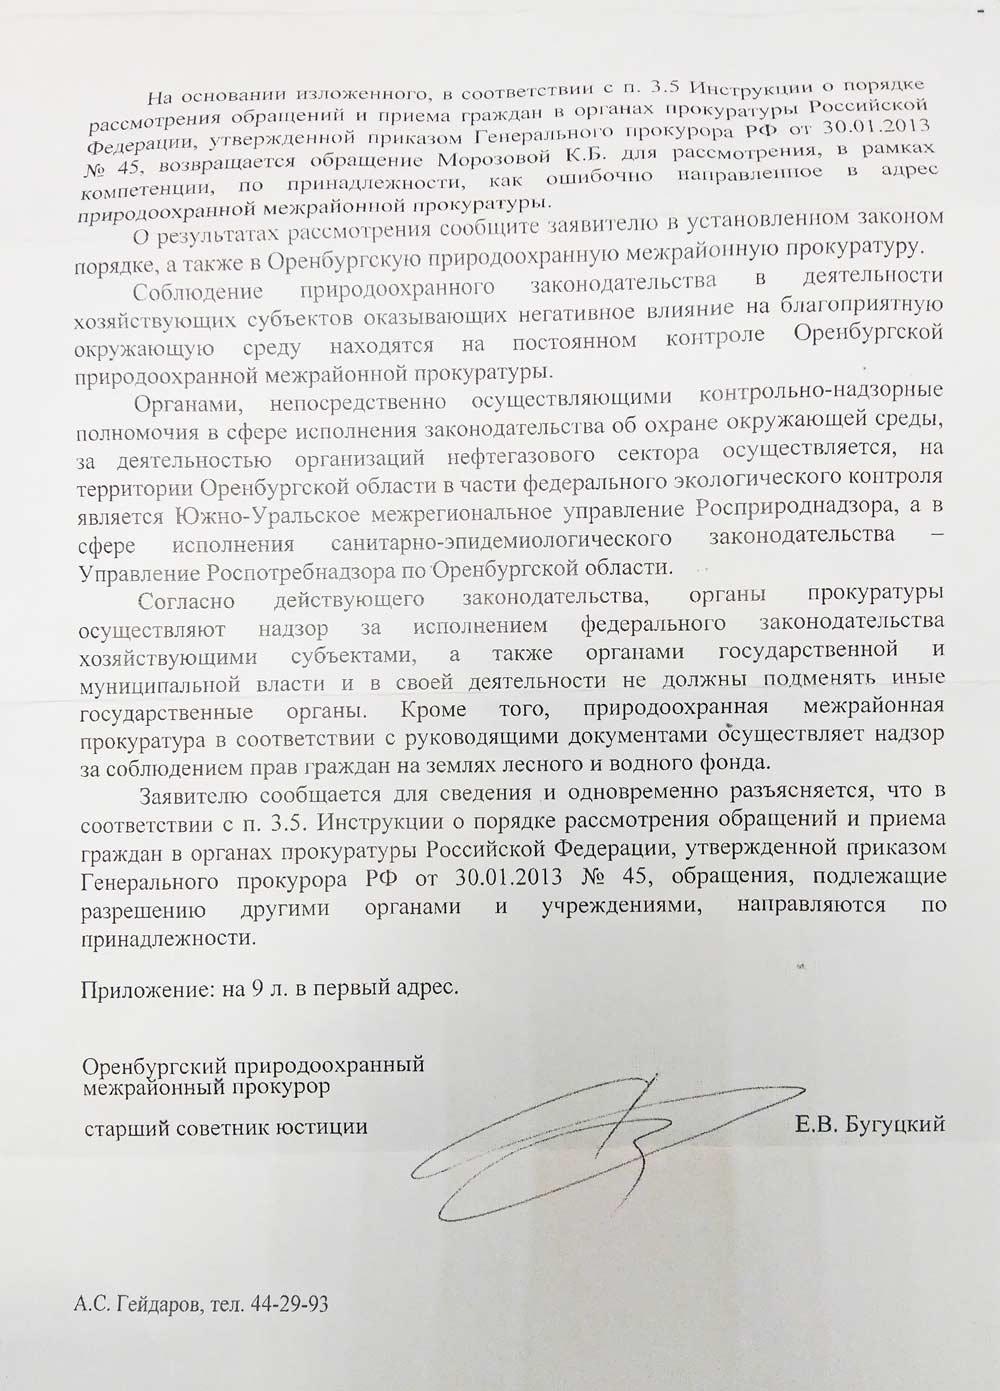 Ответ Морозовой К.Б. от Прокуратуры